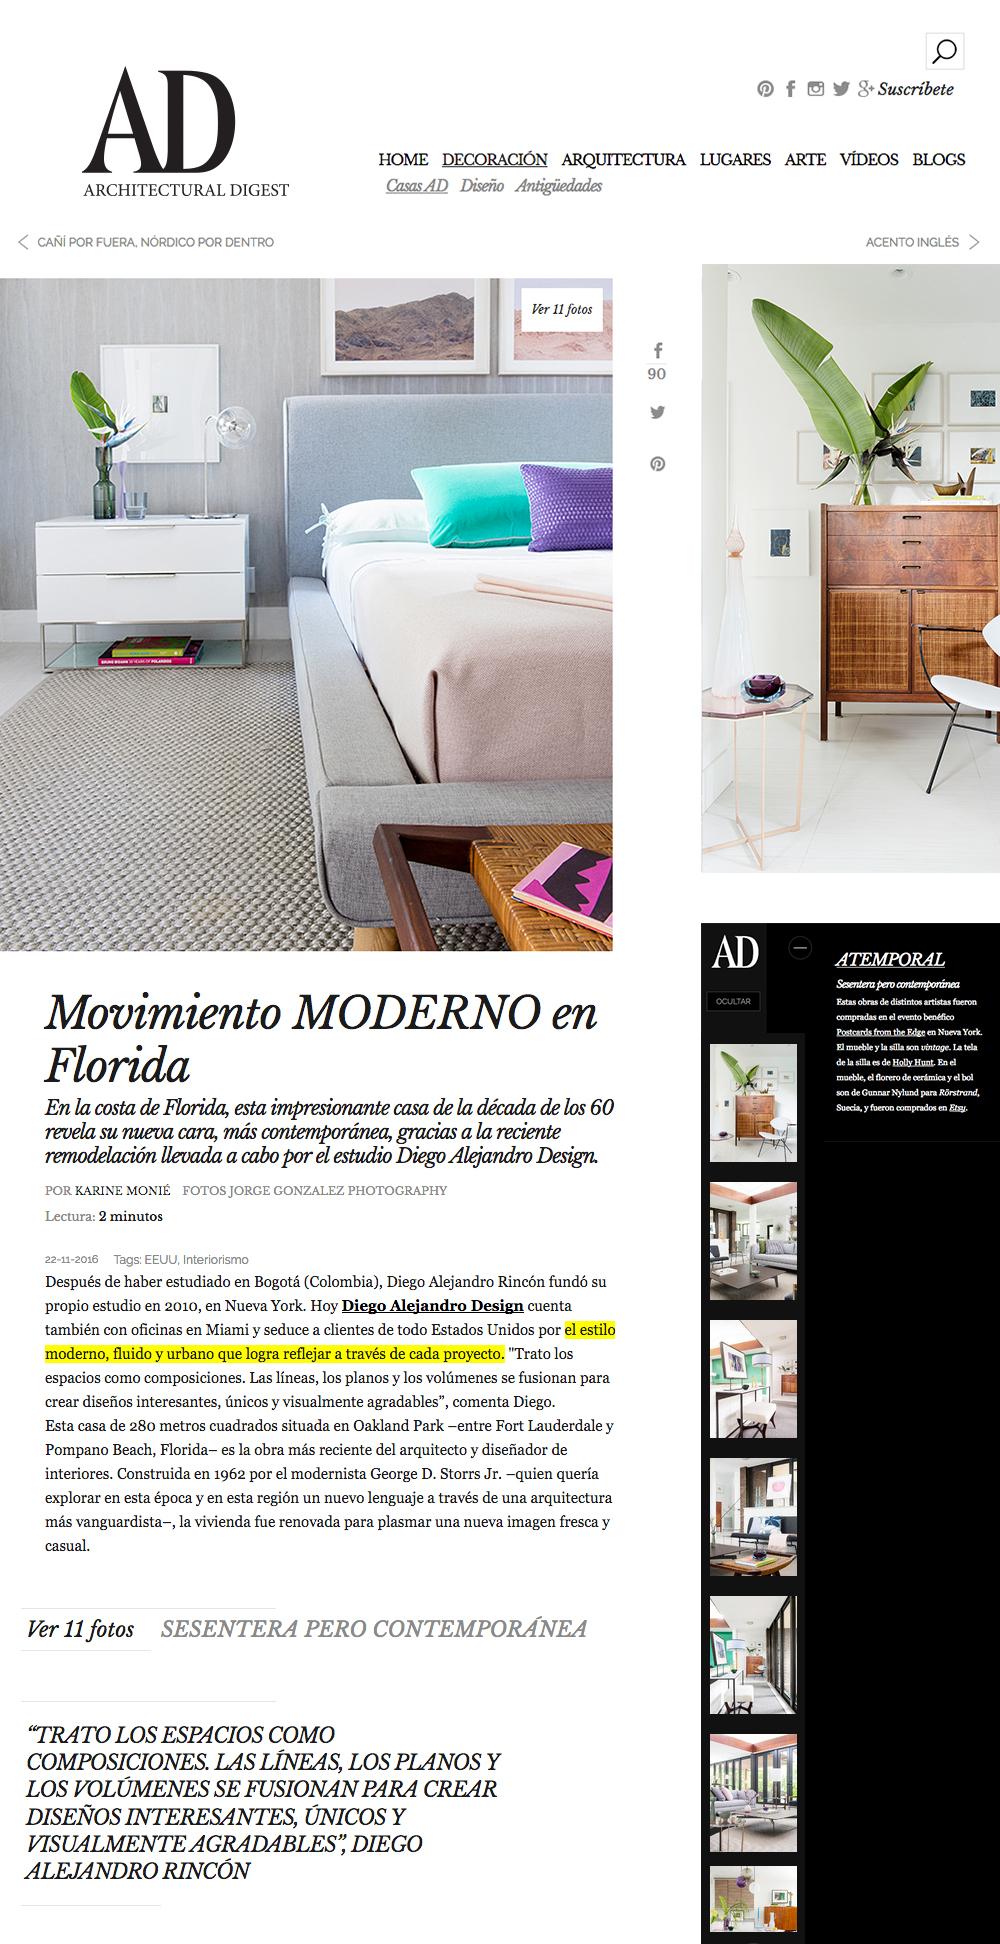 AD_Spain.jpg